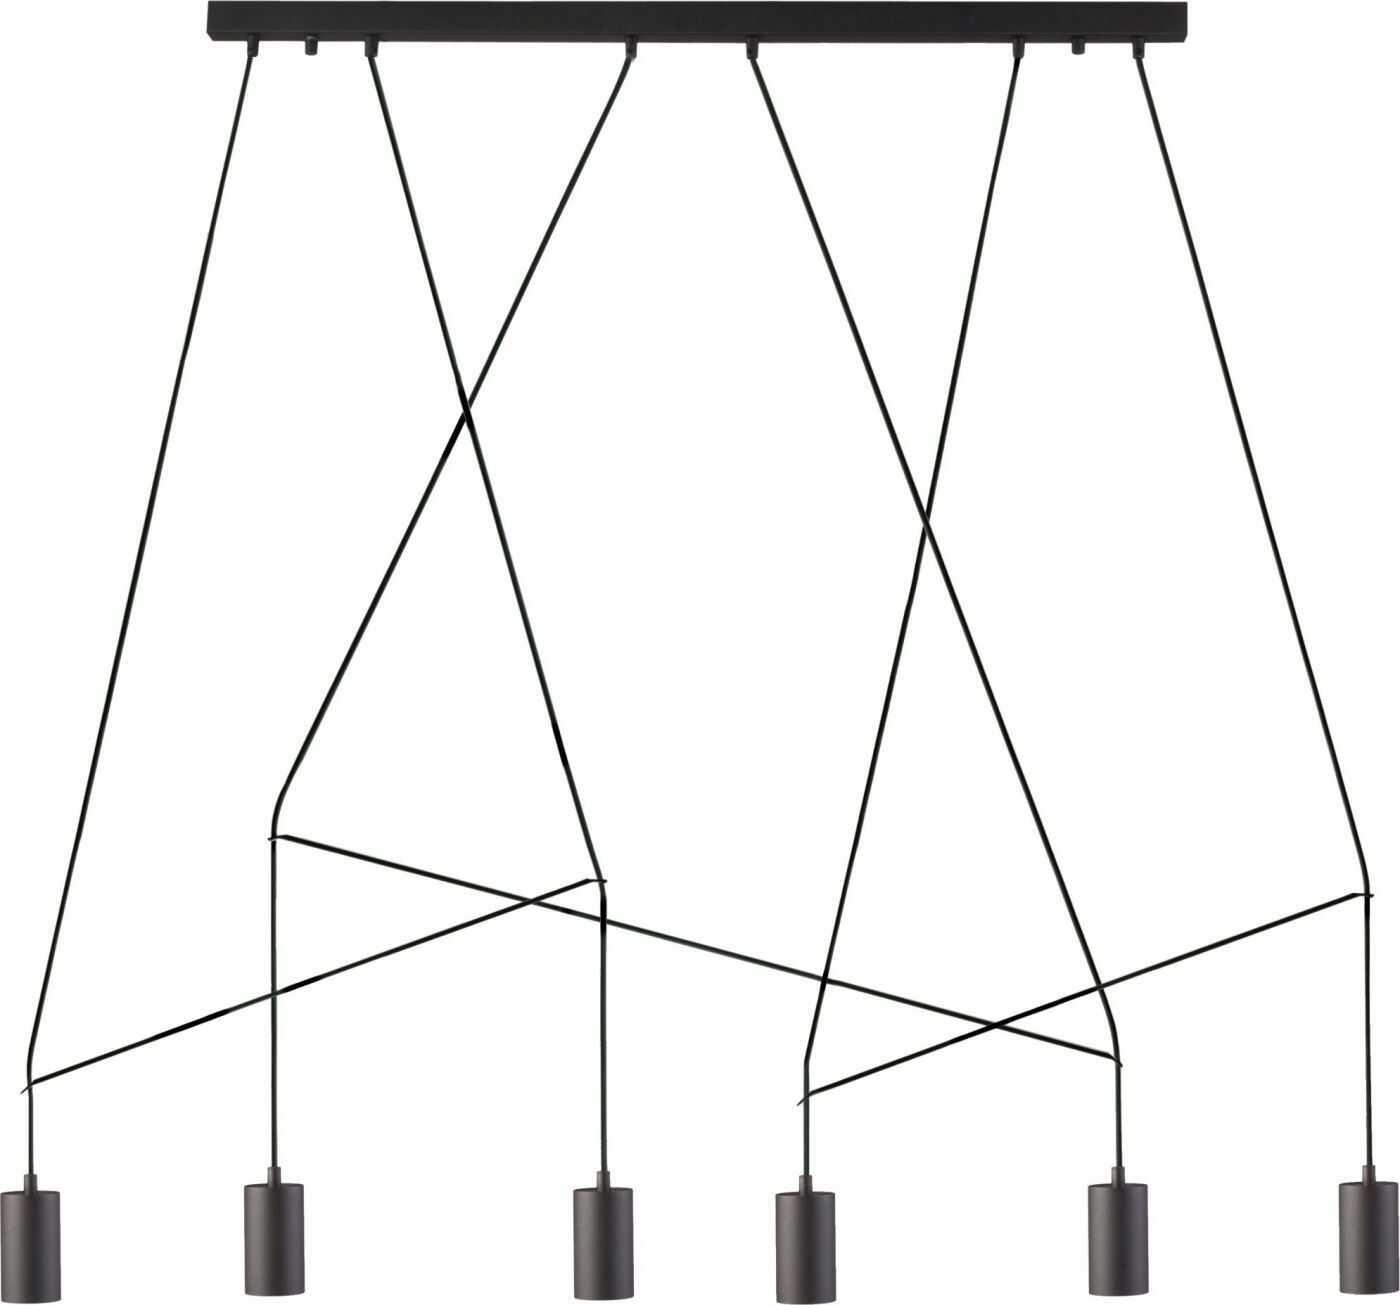 Lampa sufitowa Imbria 9675 Nowodvorski Lighting czarna geometryczna oprawa w nowoczesnym stylu